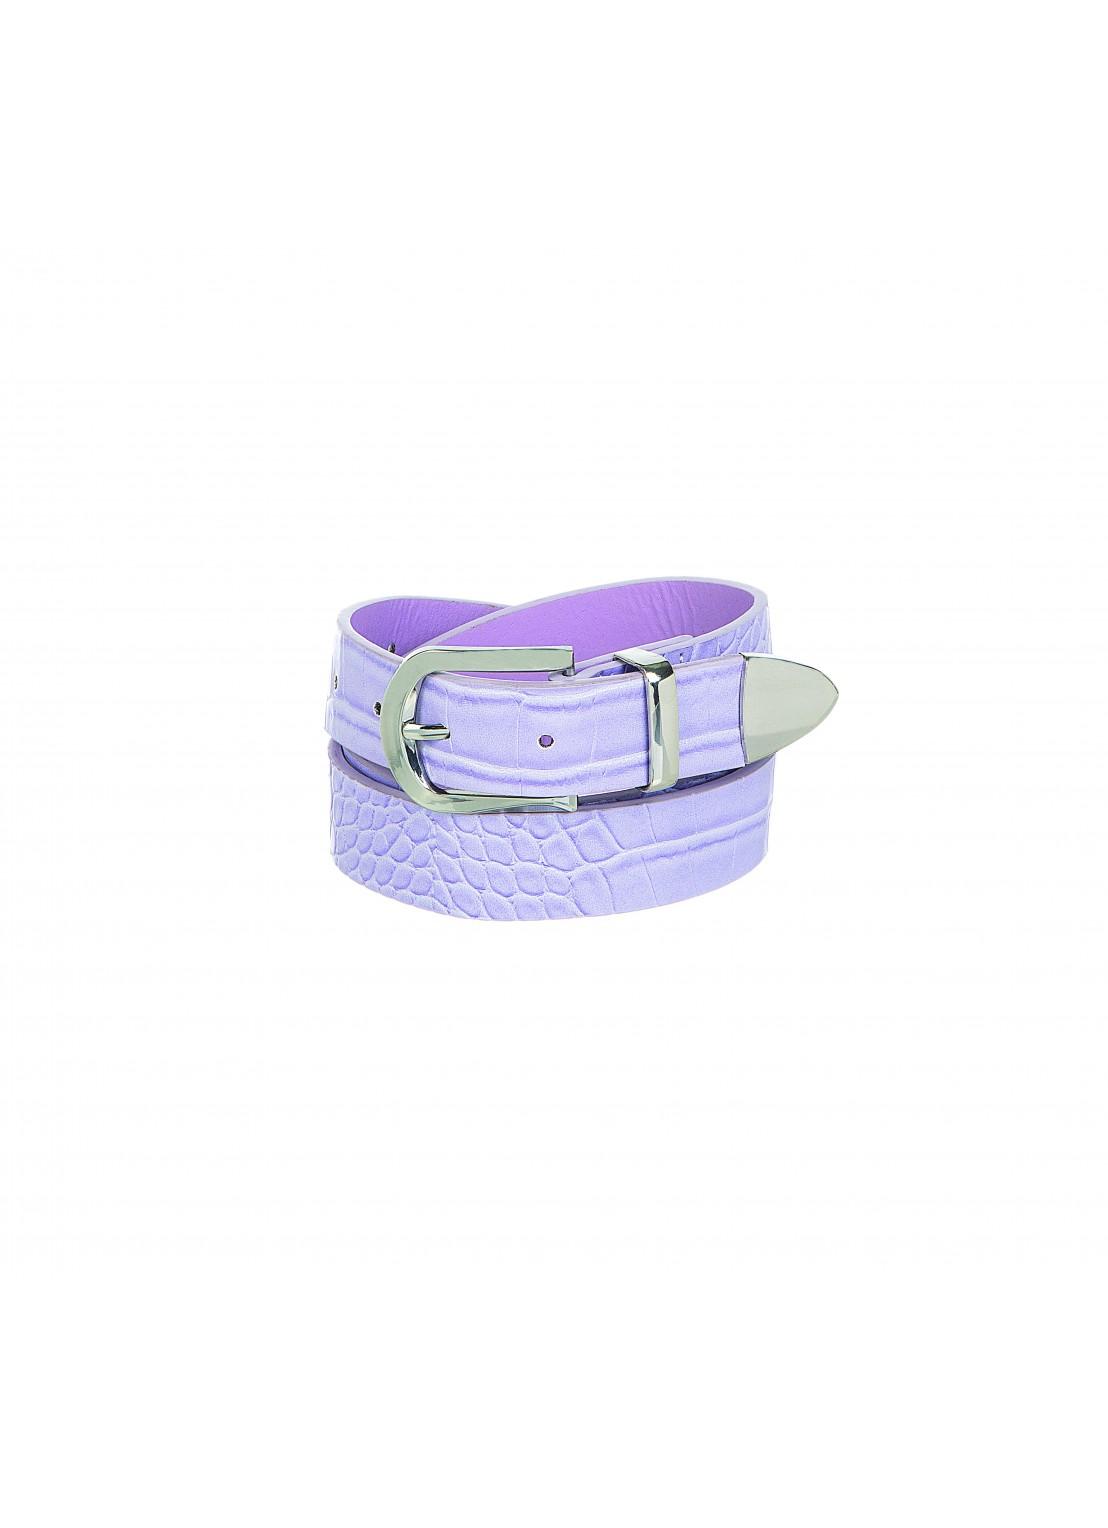 Cinturón-delgado lila